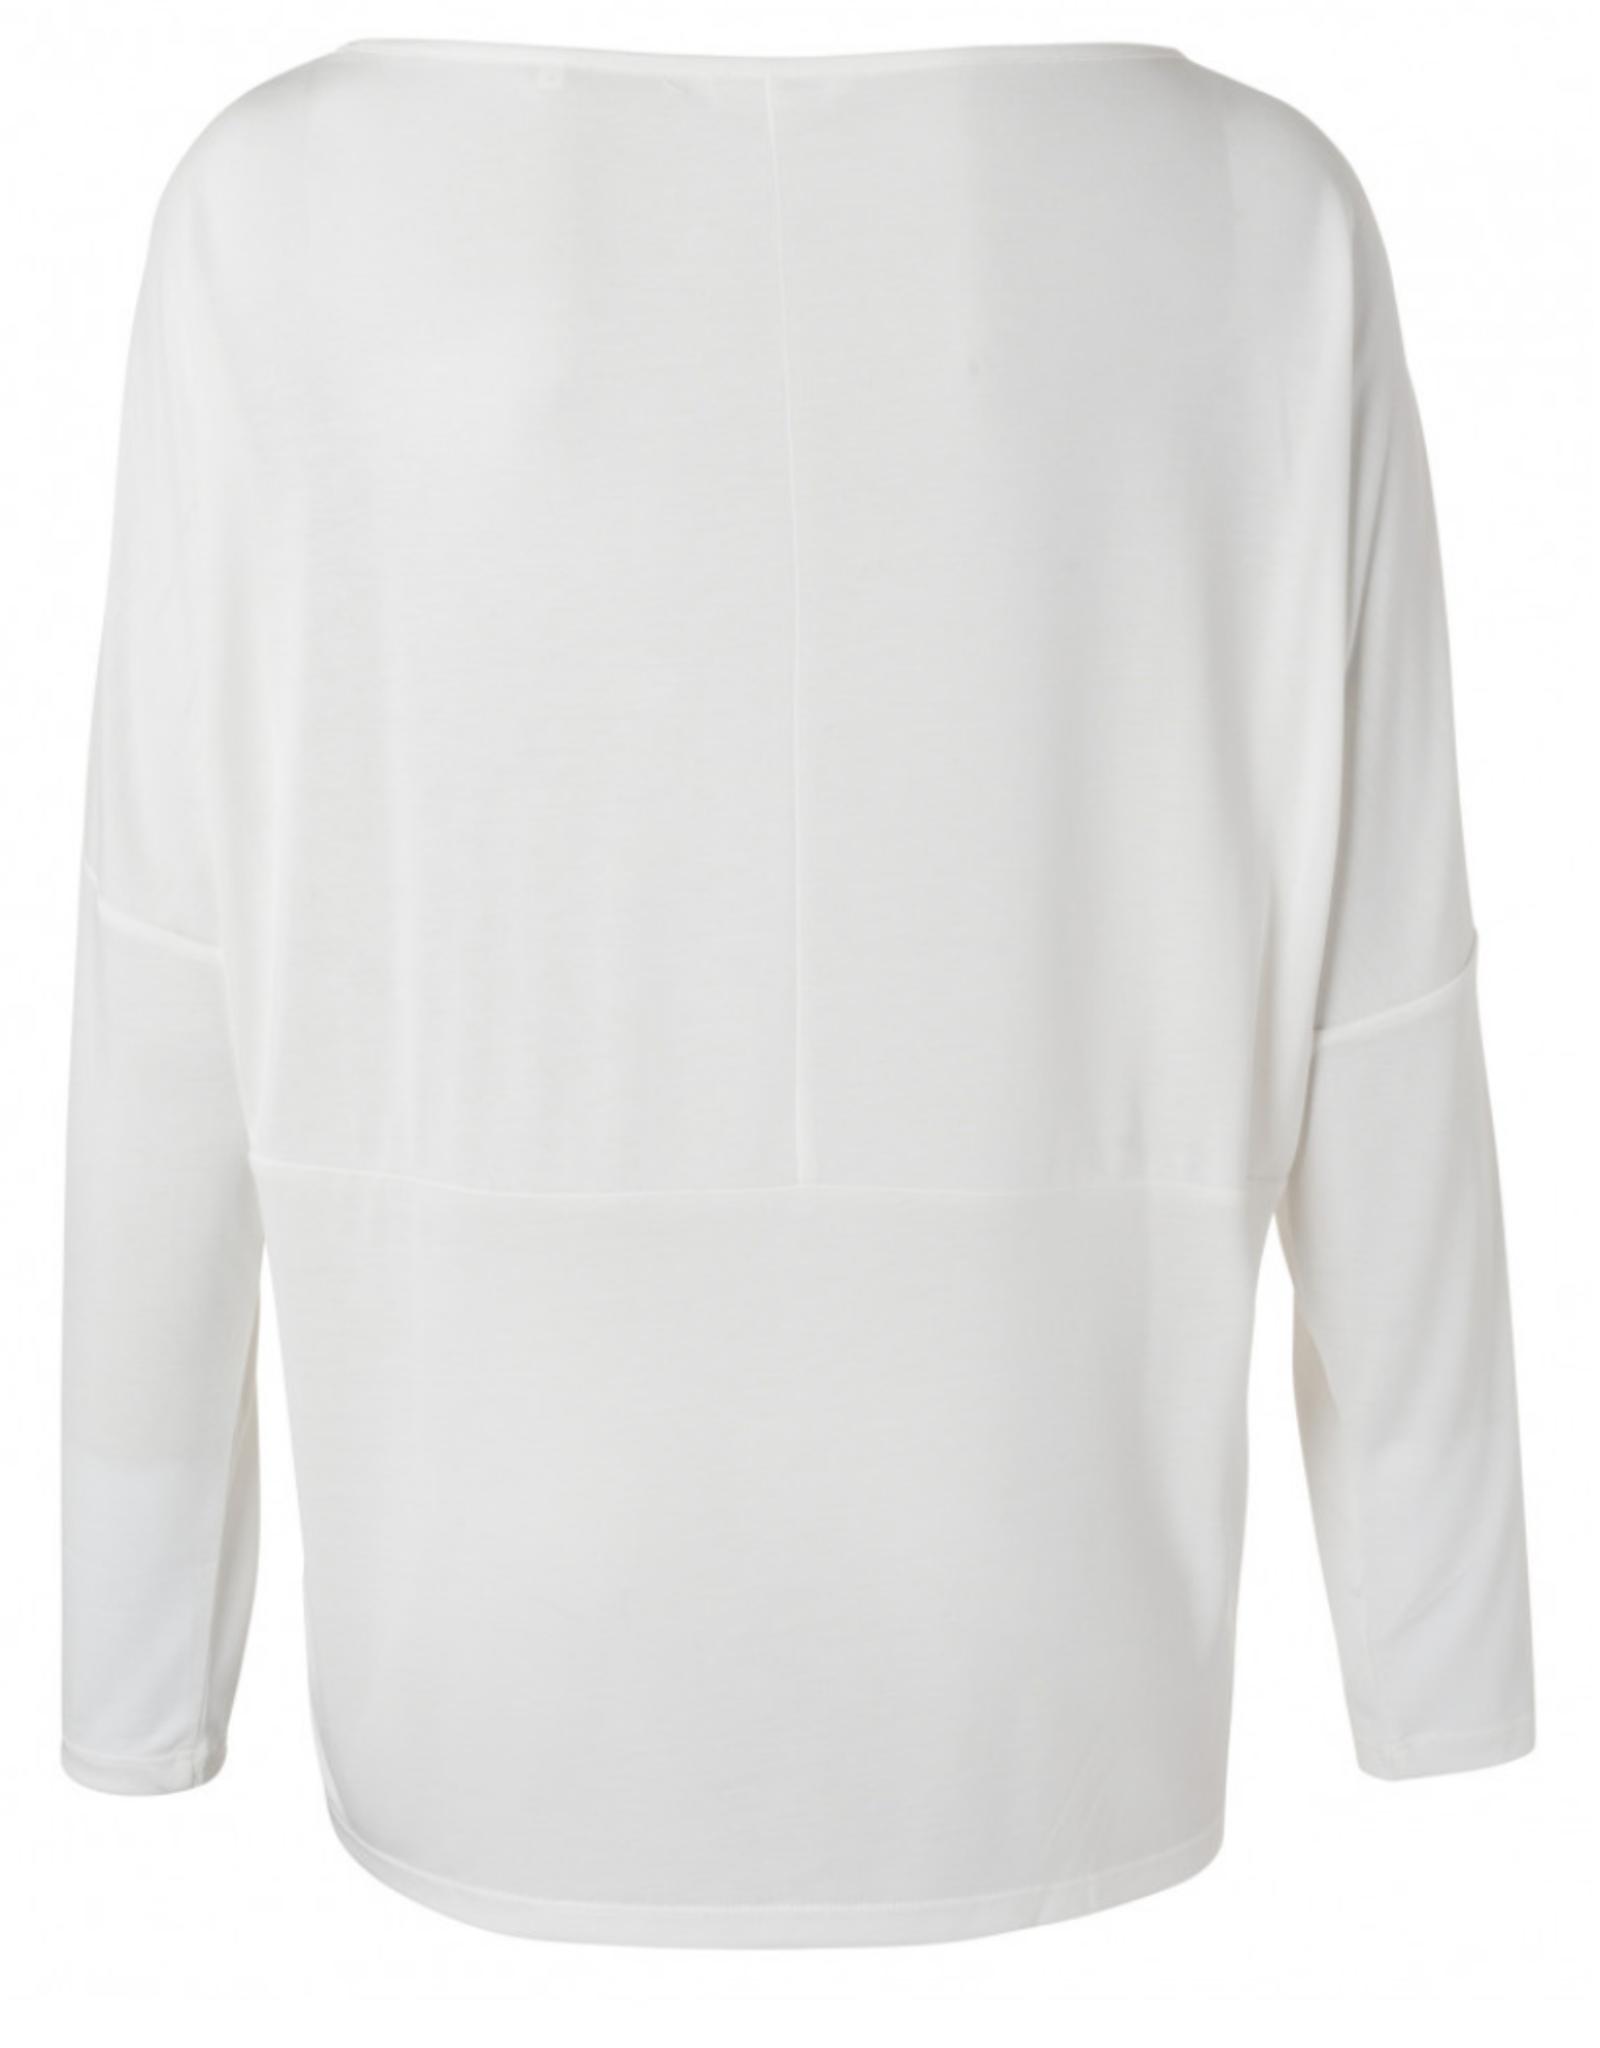 Yaya Fabric Mix L/S White